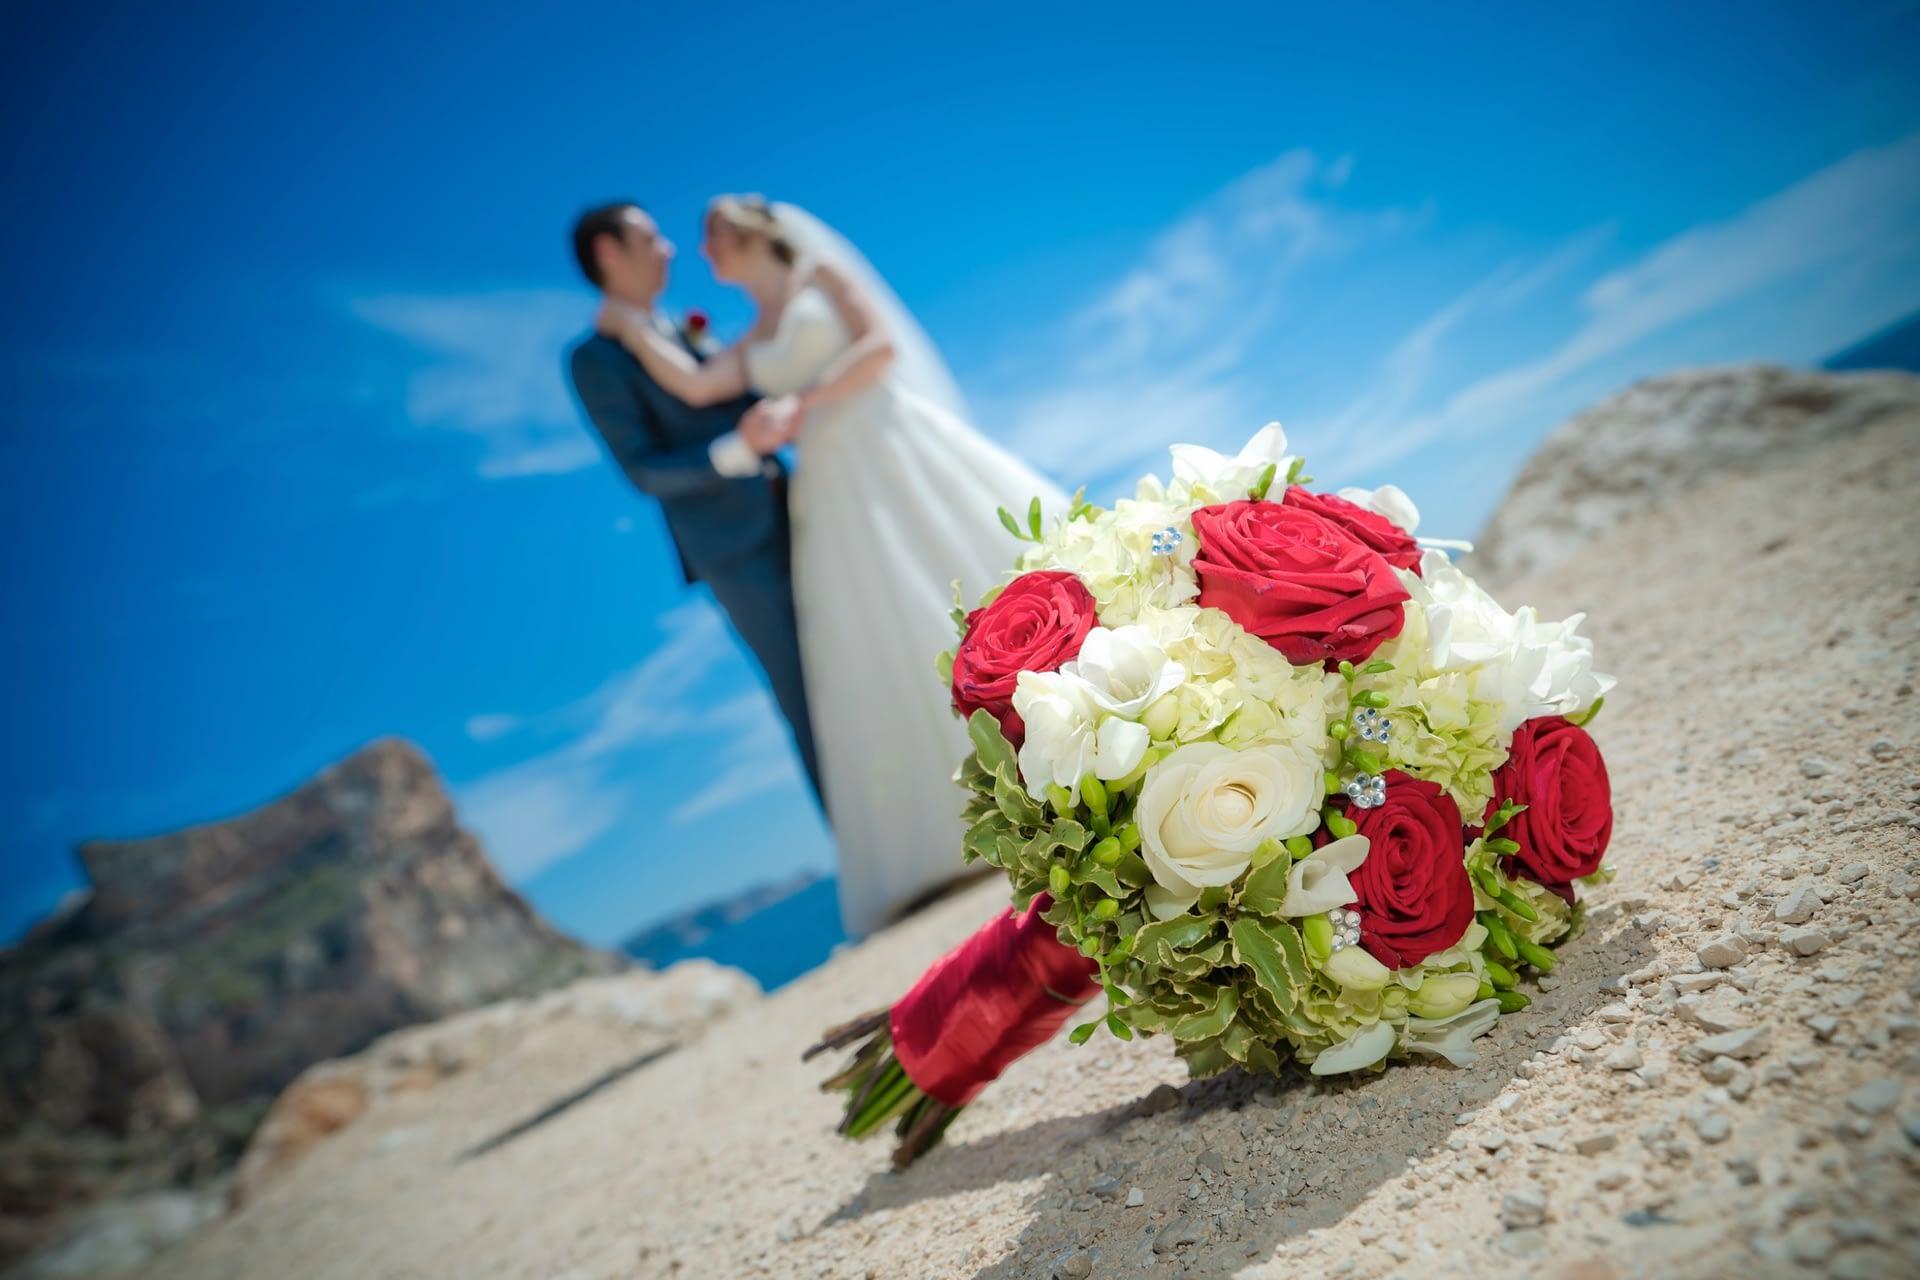 Pierluigi Cavarra - fotografo de bodas y eventos - wedding photographer costa blanca - ejemplo -40